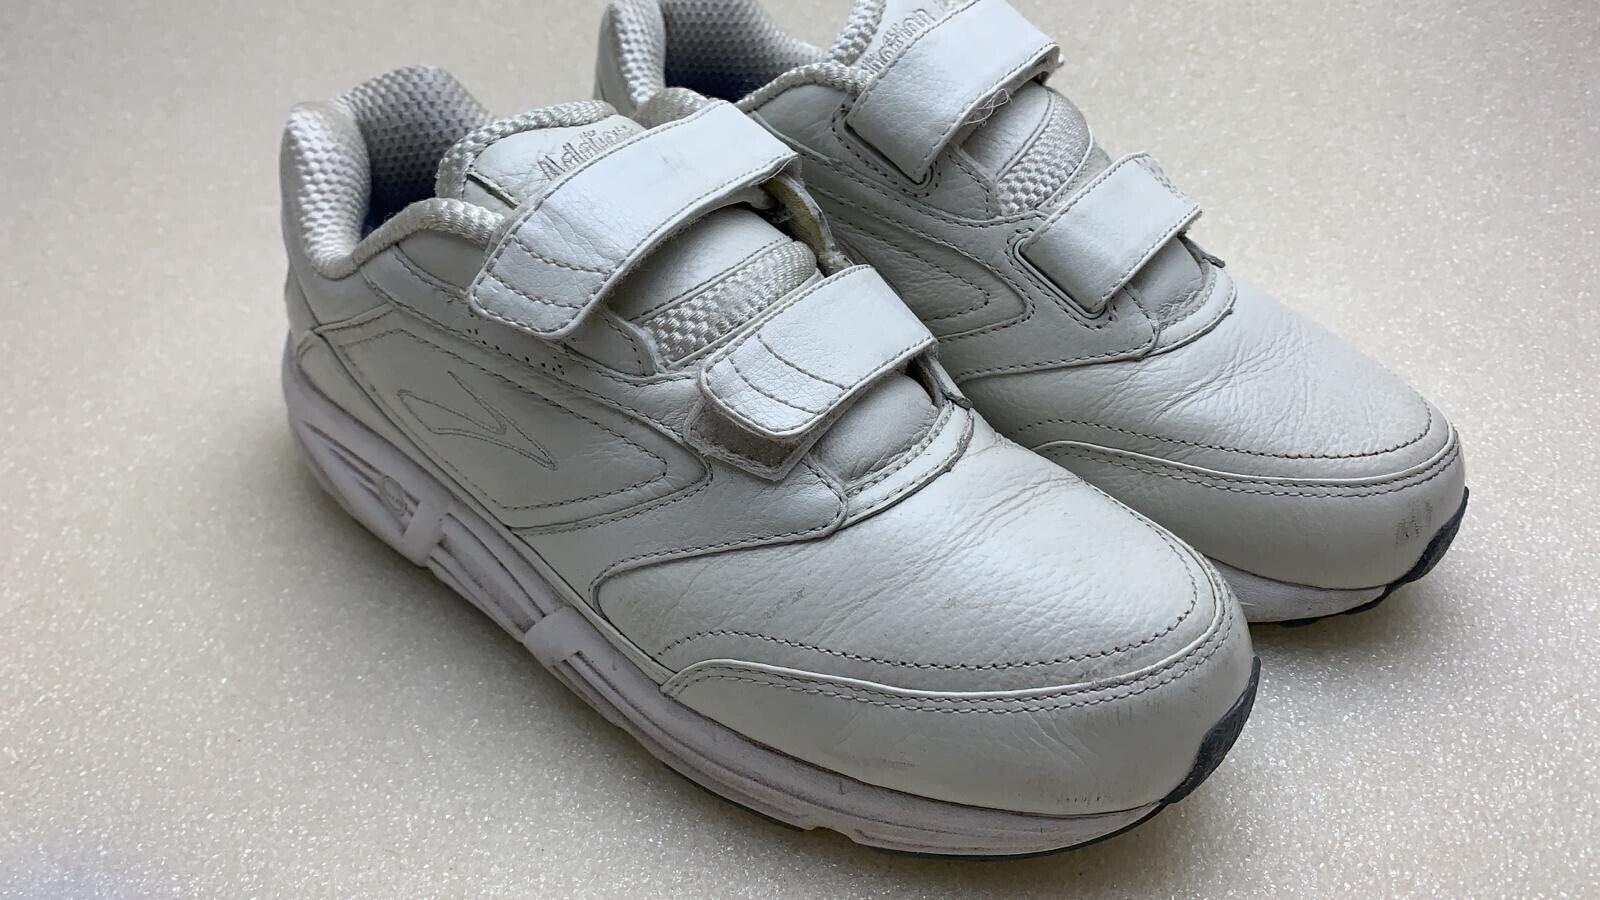 b94ed1e006515 Brooks Dyad Walker Walking Shoes Wide Width White Leather Women s Size 7d  for sale online